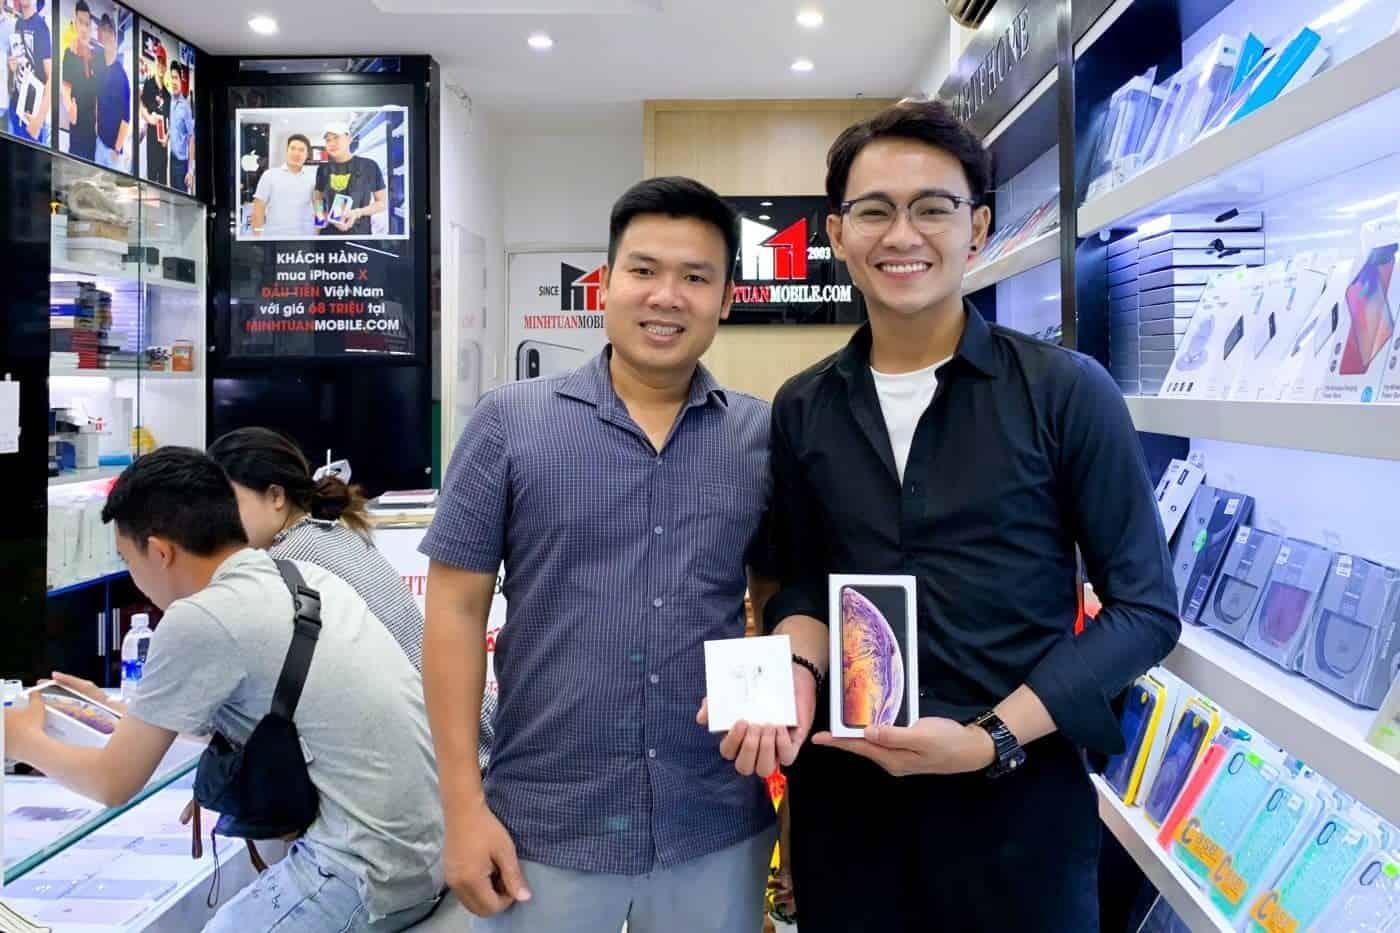 Hot boy làng hài Anh Tú chọn mua tai nghe Airpods tại Minh Tuấn Mobile